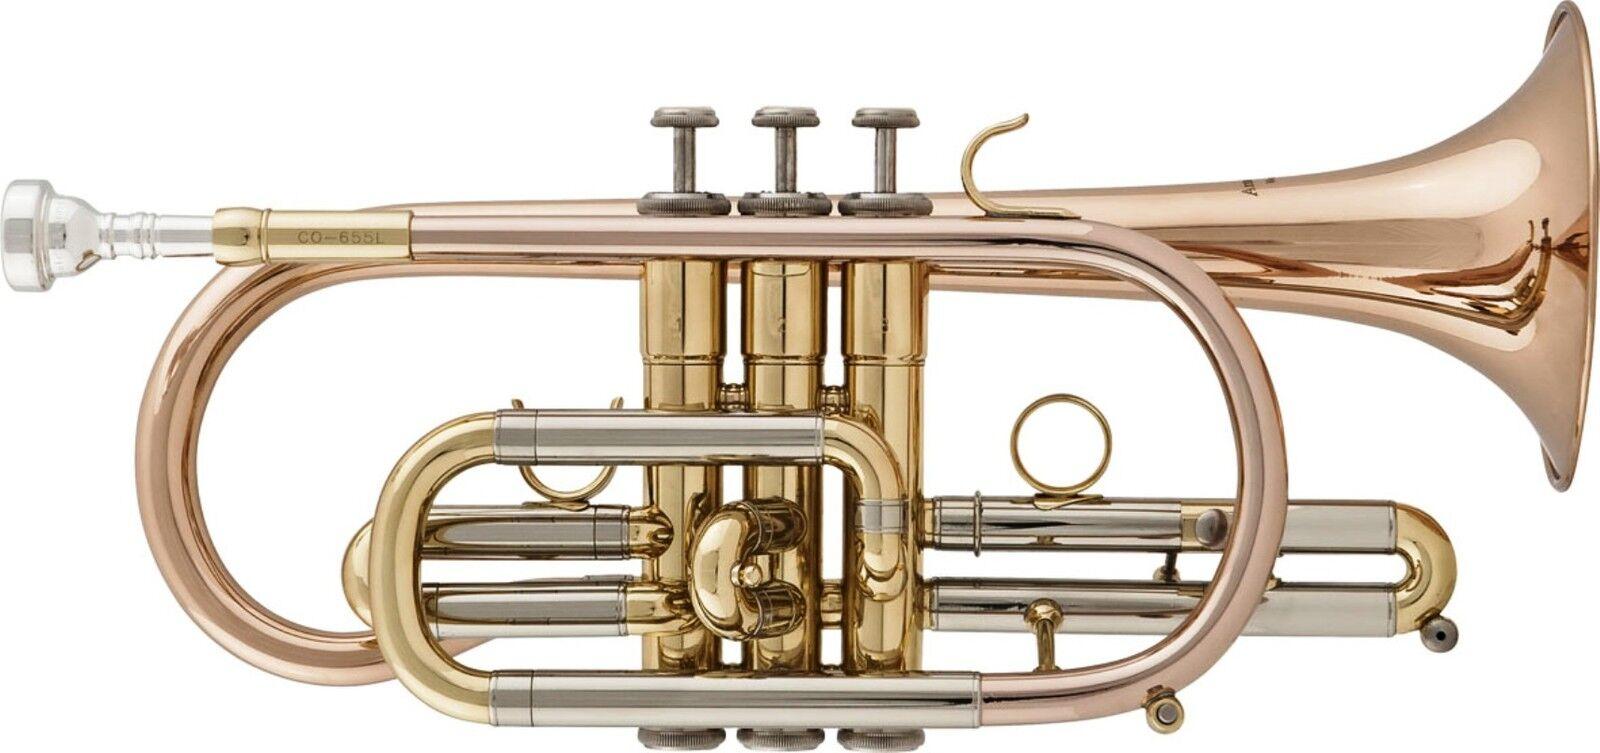 Arnolds & Sons B-Kornett Cornet ACR-655G Goldmessingschallstück Monelventile